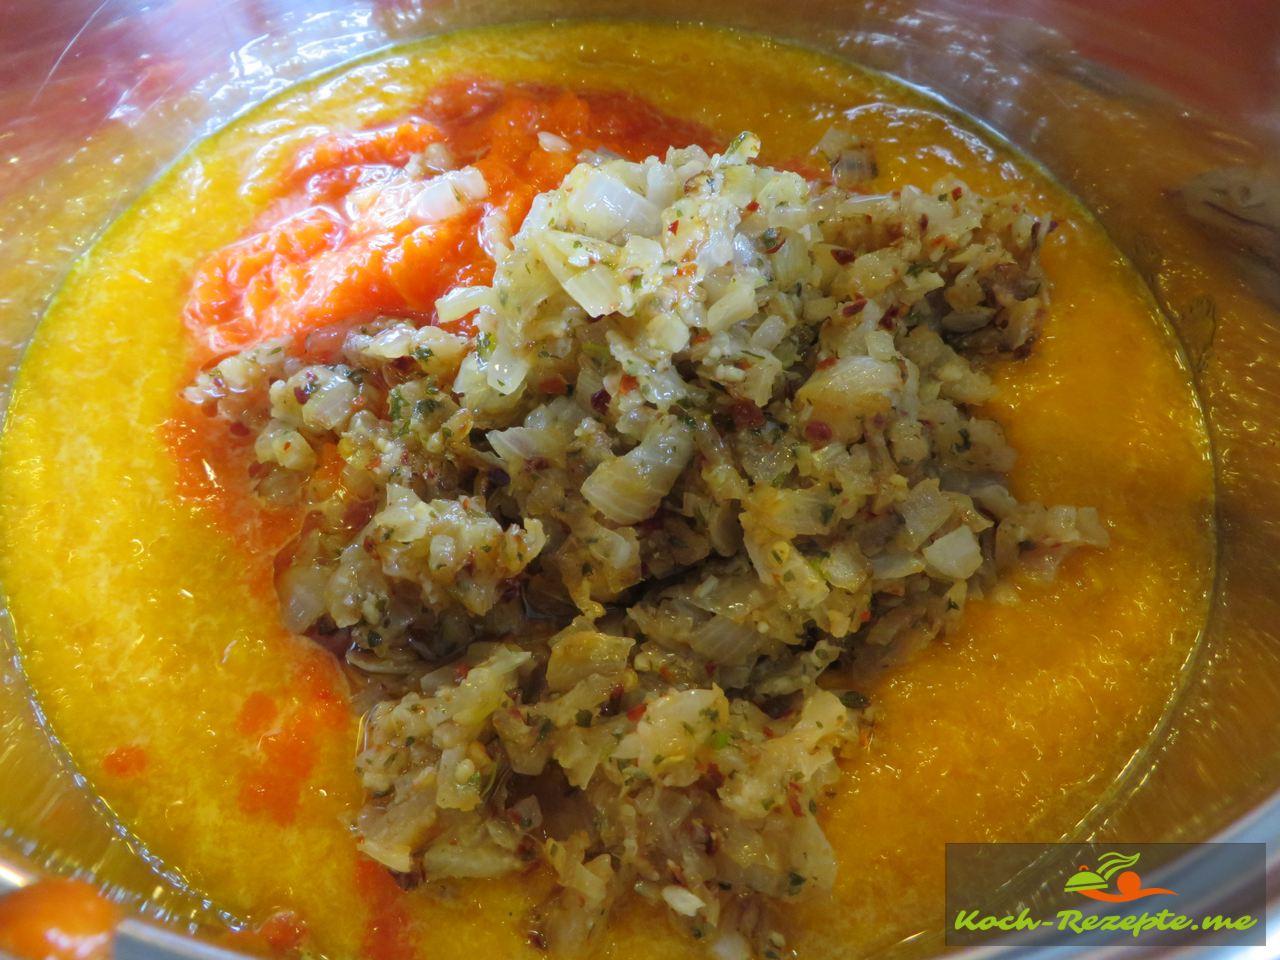 Für die Ajvar selber kochen  werden die  Zwiebeln und Knoblauch angedünstet in der Pfanne und untergemischt